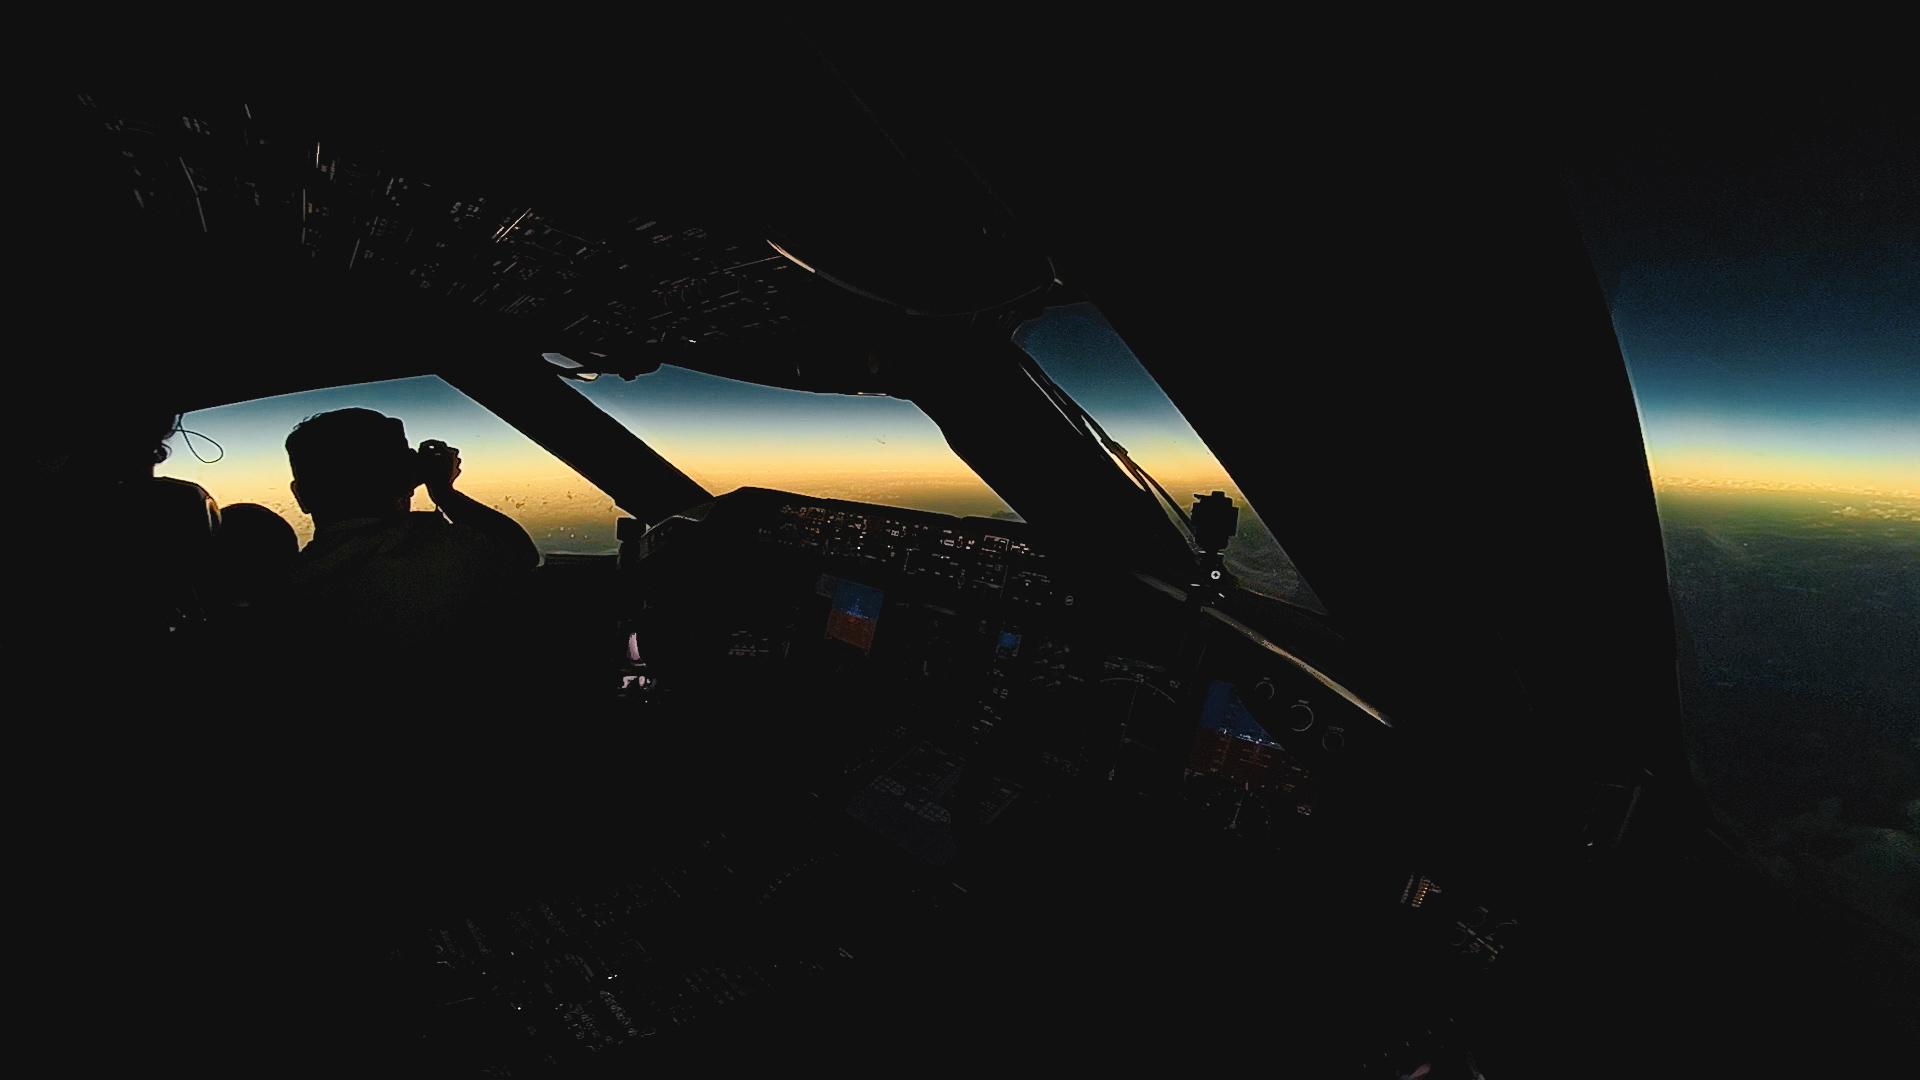 Tripulantes y pasajeros vieron el eclipse total de sol a más de 10 mil metros de altura